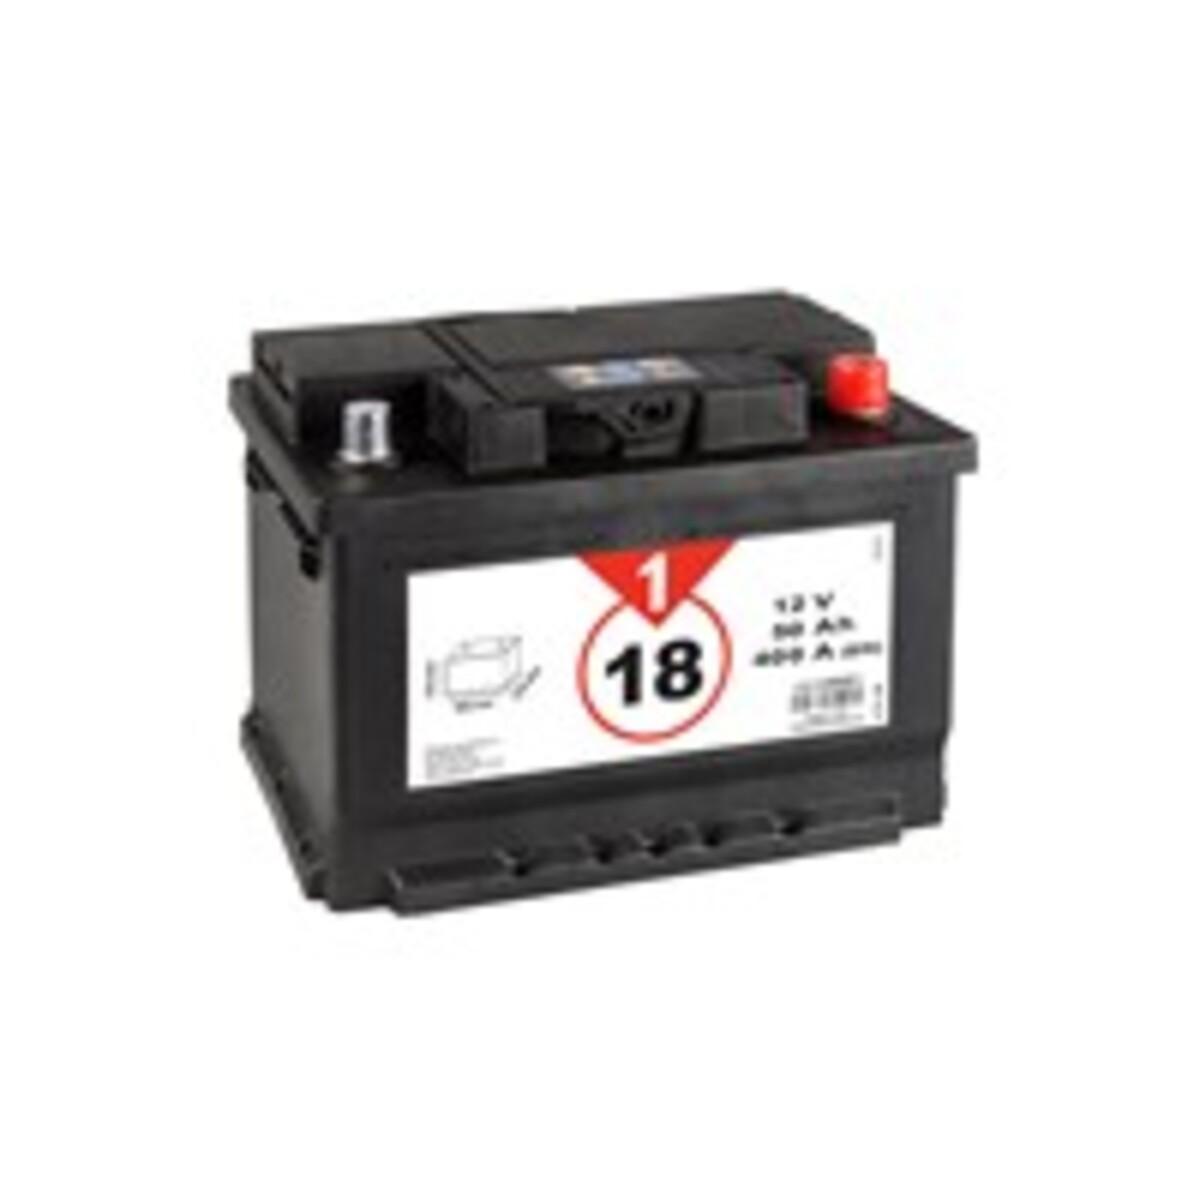 Bild 1 von Autobatterie 16, 80 Ah, 700 A